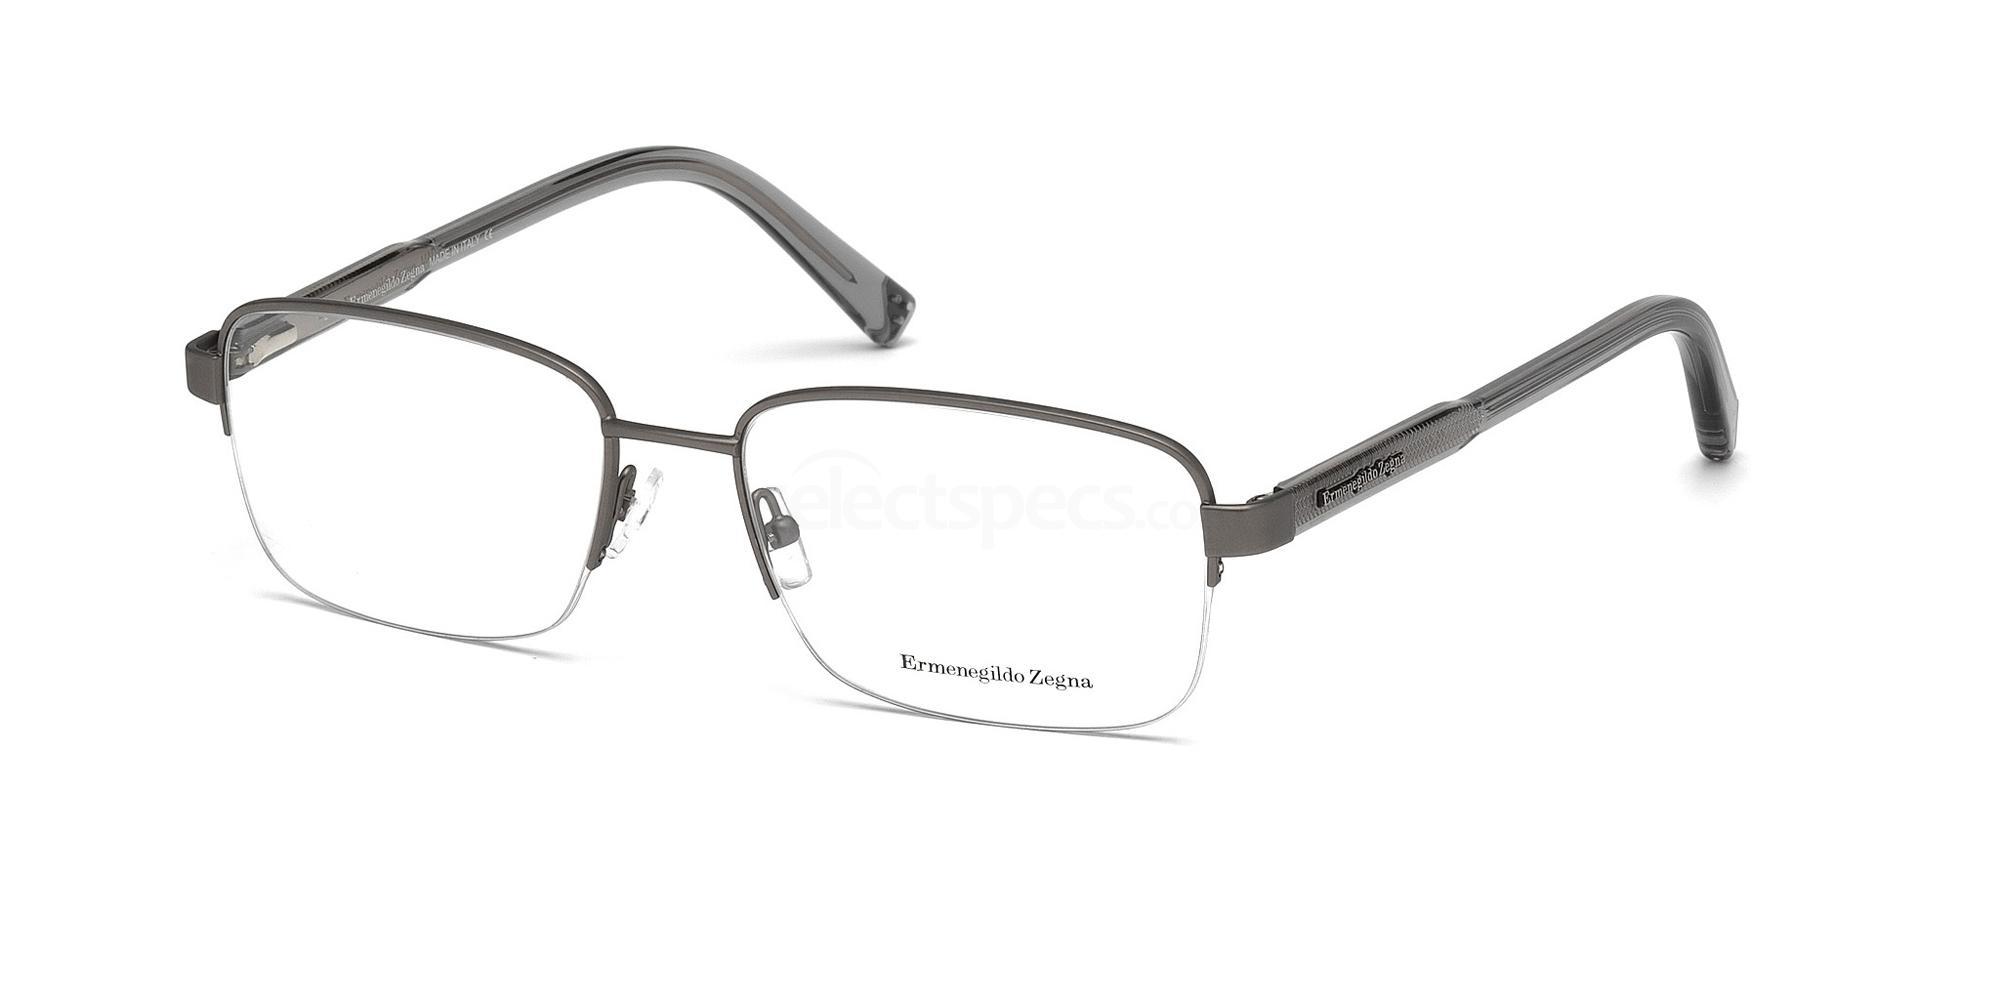 009 EZ5006 Glasses, Ermenegildo Zegna